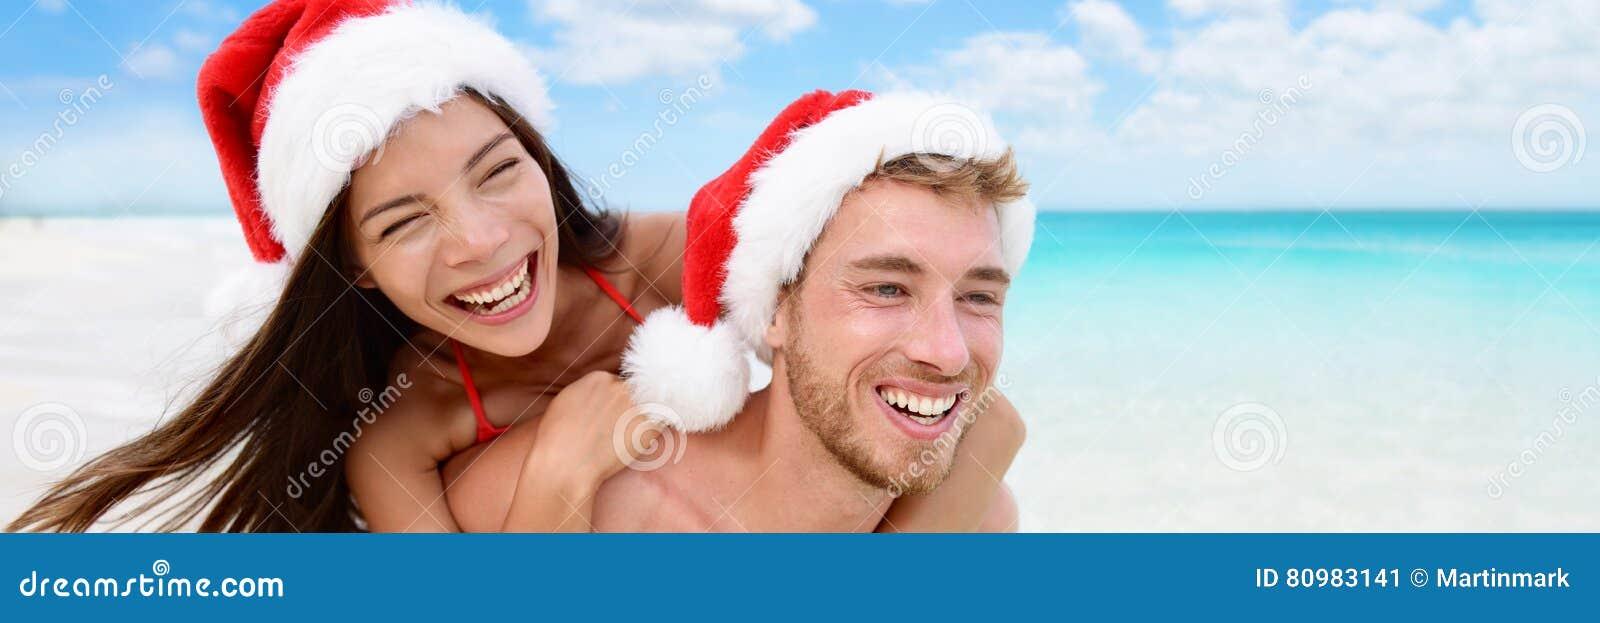 Ευτυχές έμβλημα ζευγών γυναικών και ανδρών διακοπών Χριστουγέννων